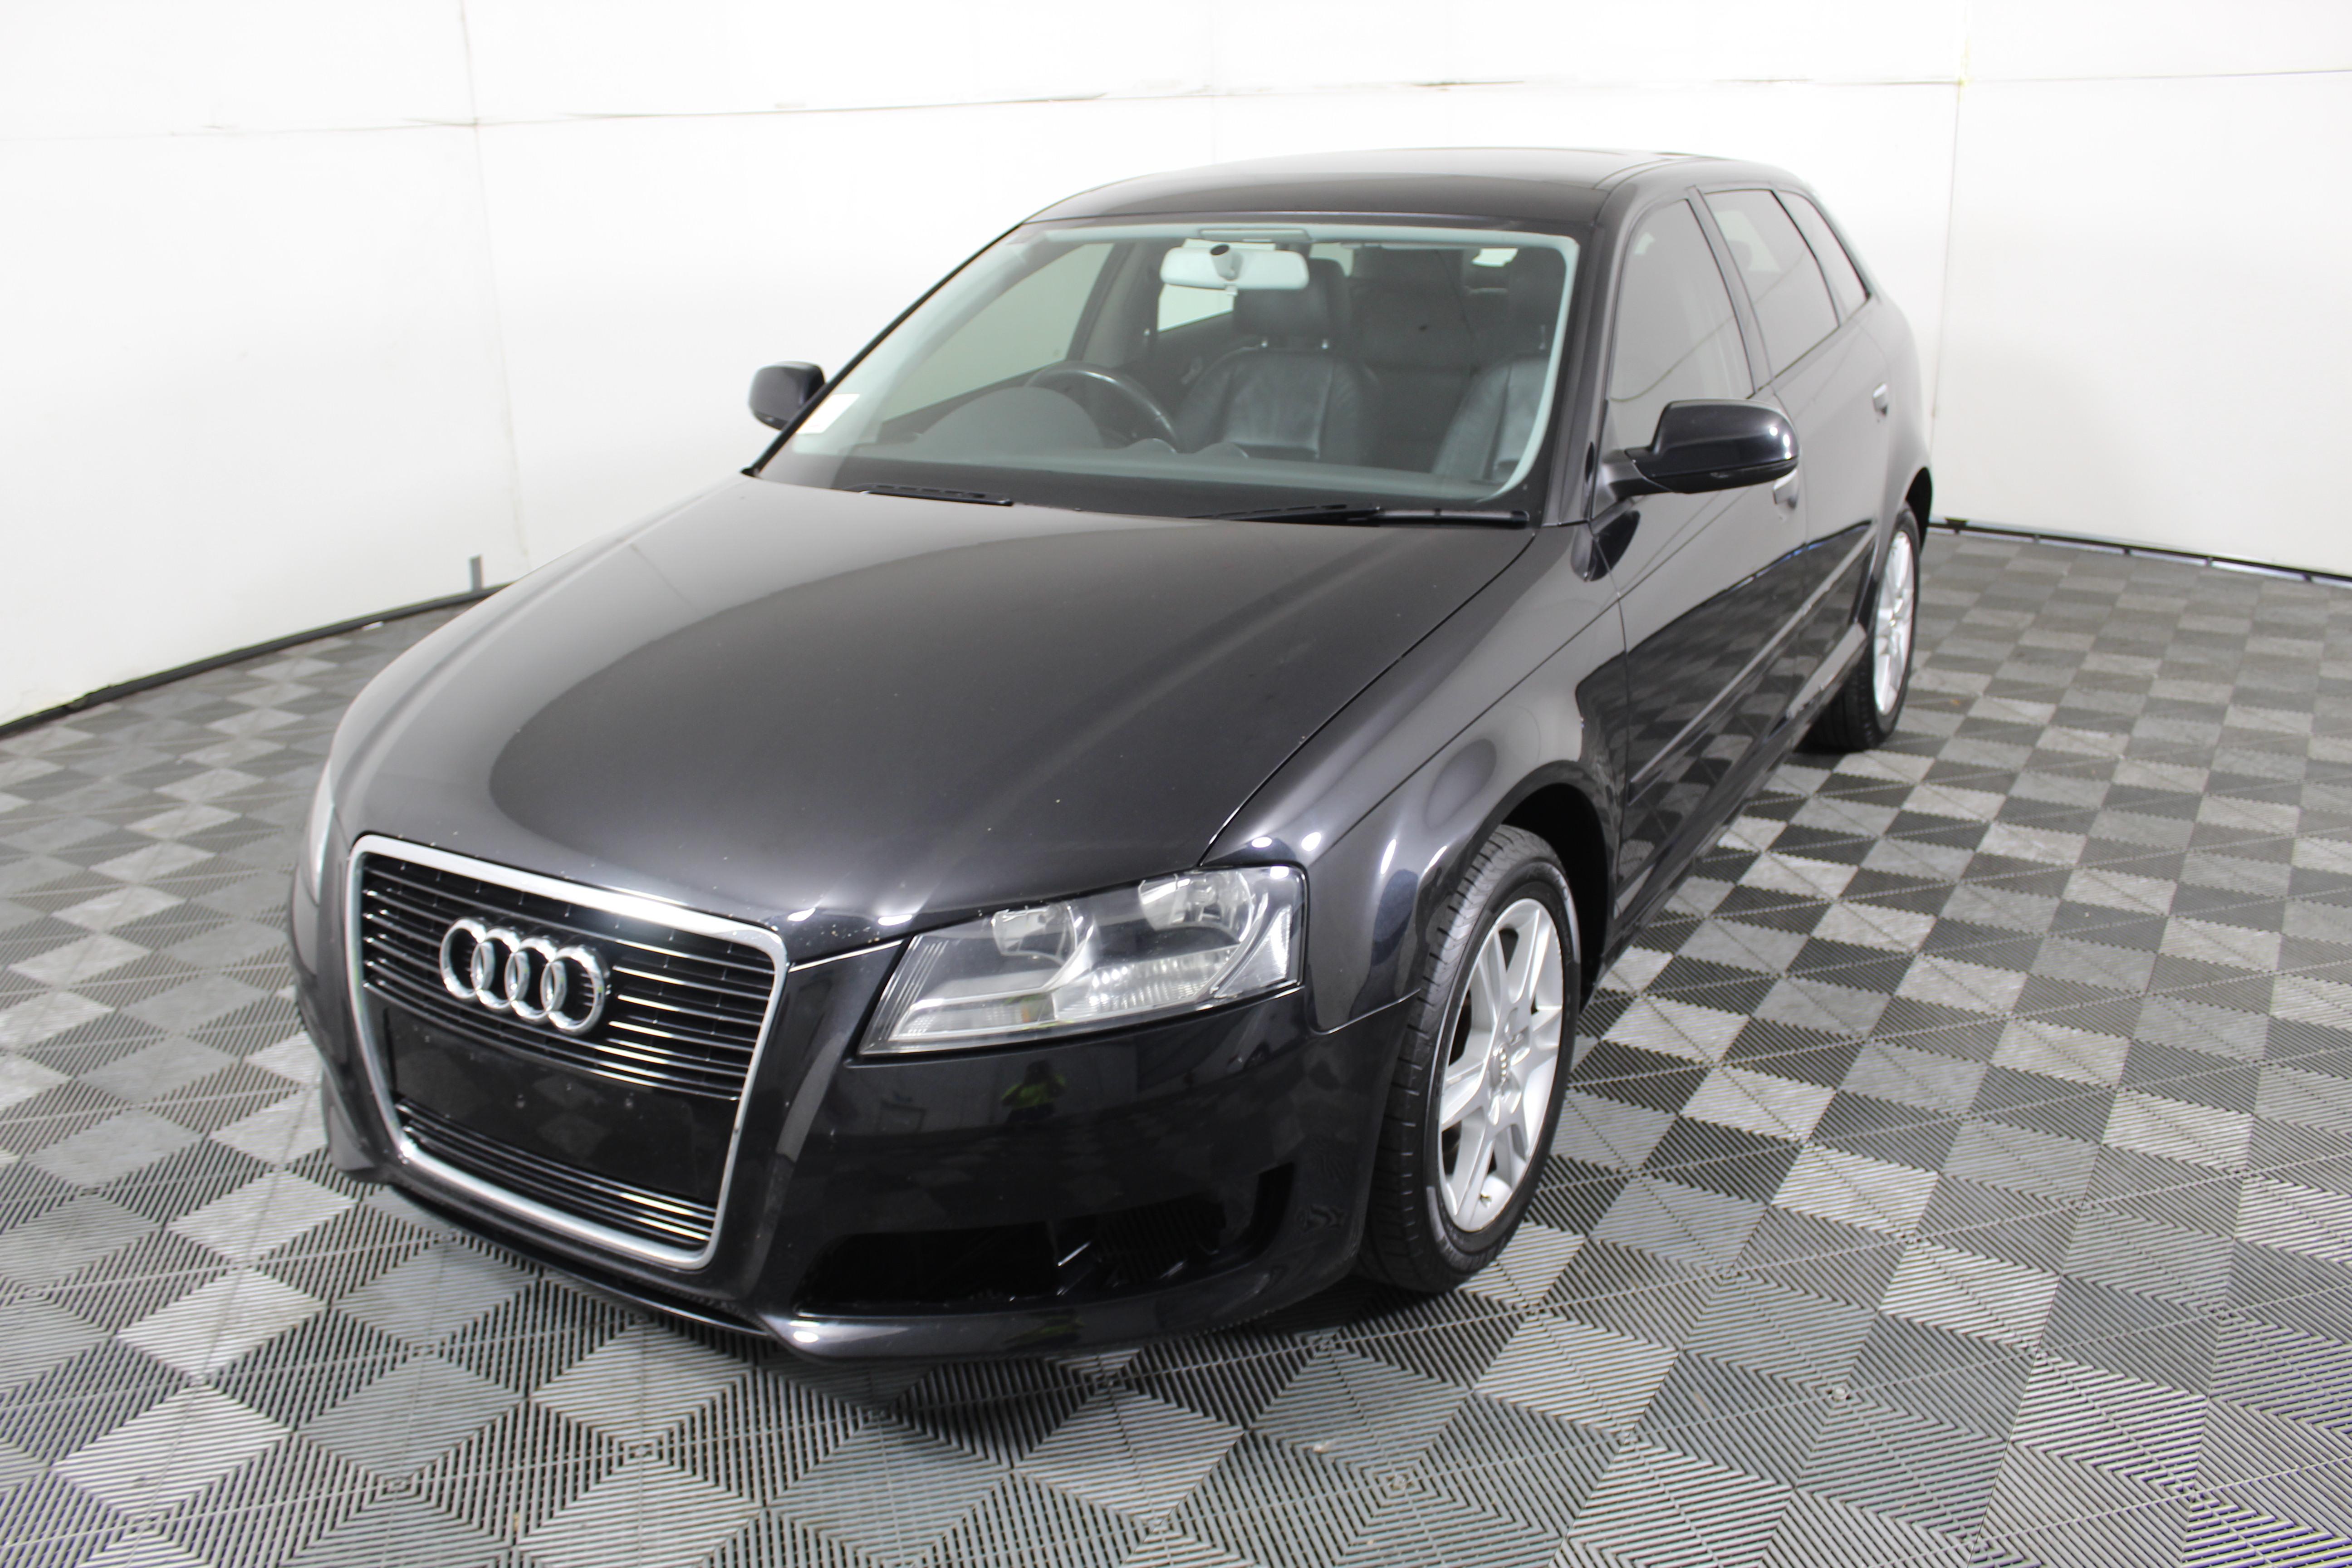 2011 (2012) Audi A3 1.6 TDI ATT 8P Turbo Diesel Automatic Hatchback